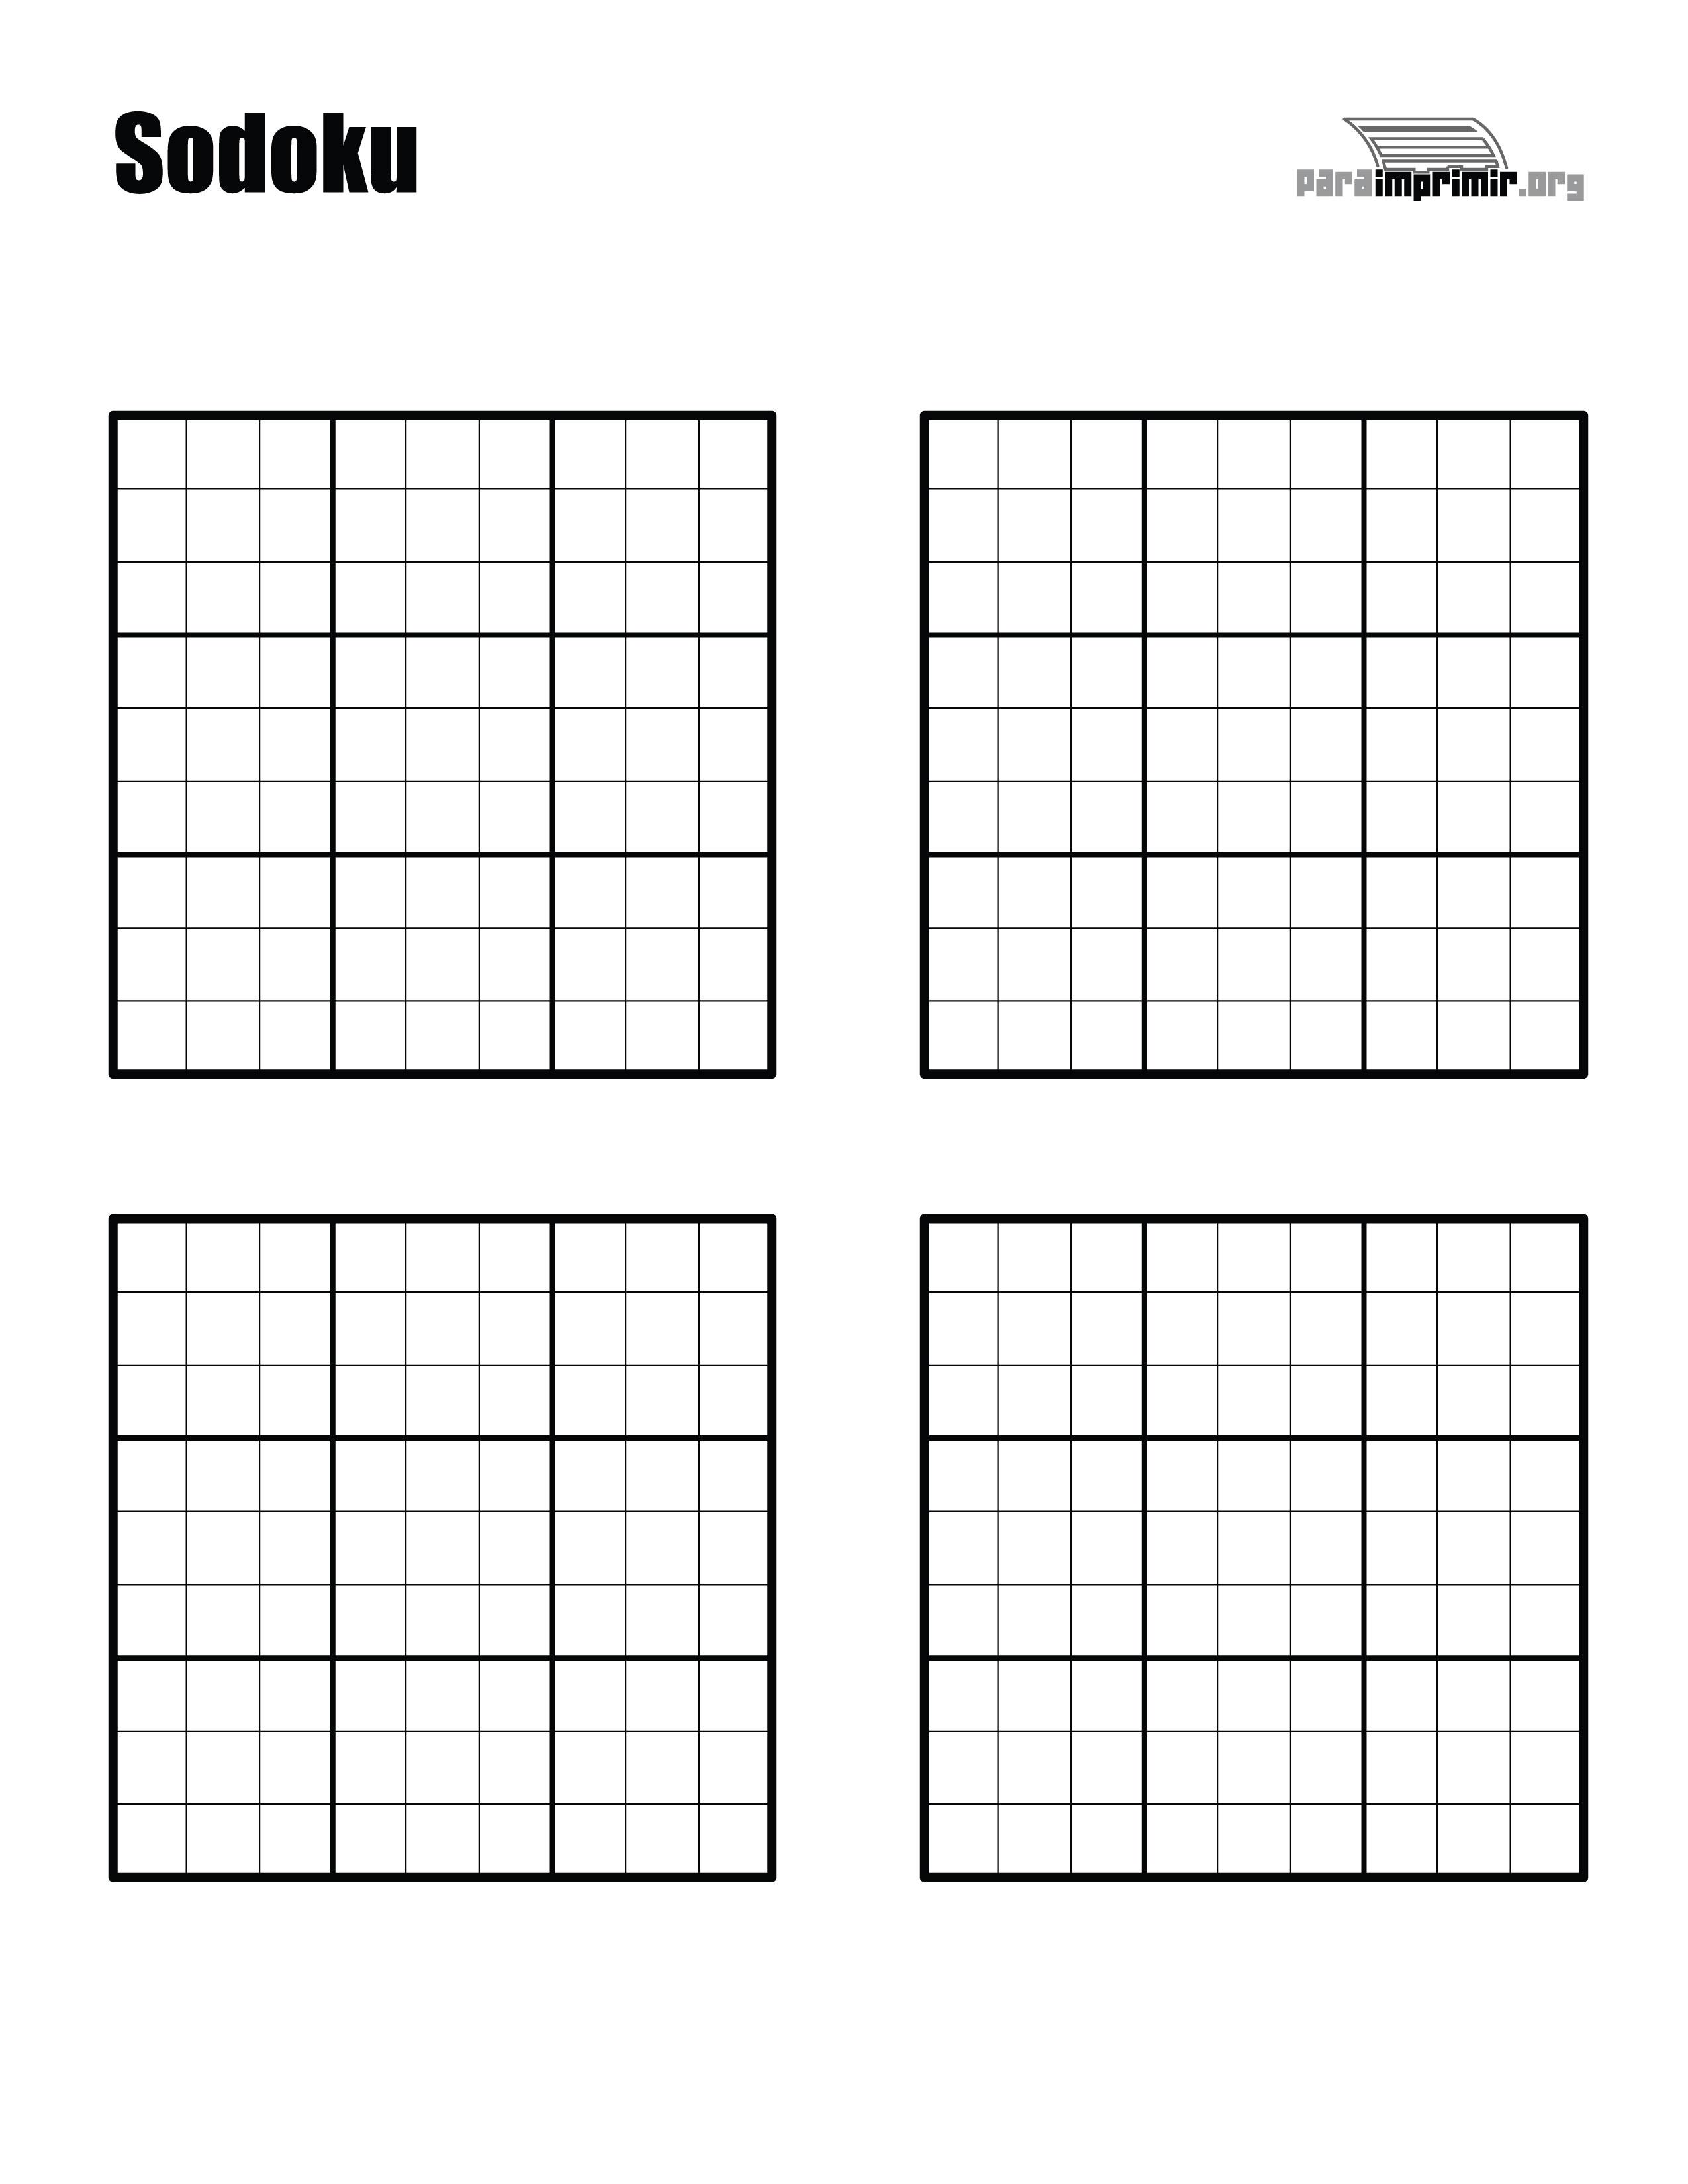 Sudoku en blanco para imprimir